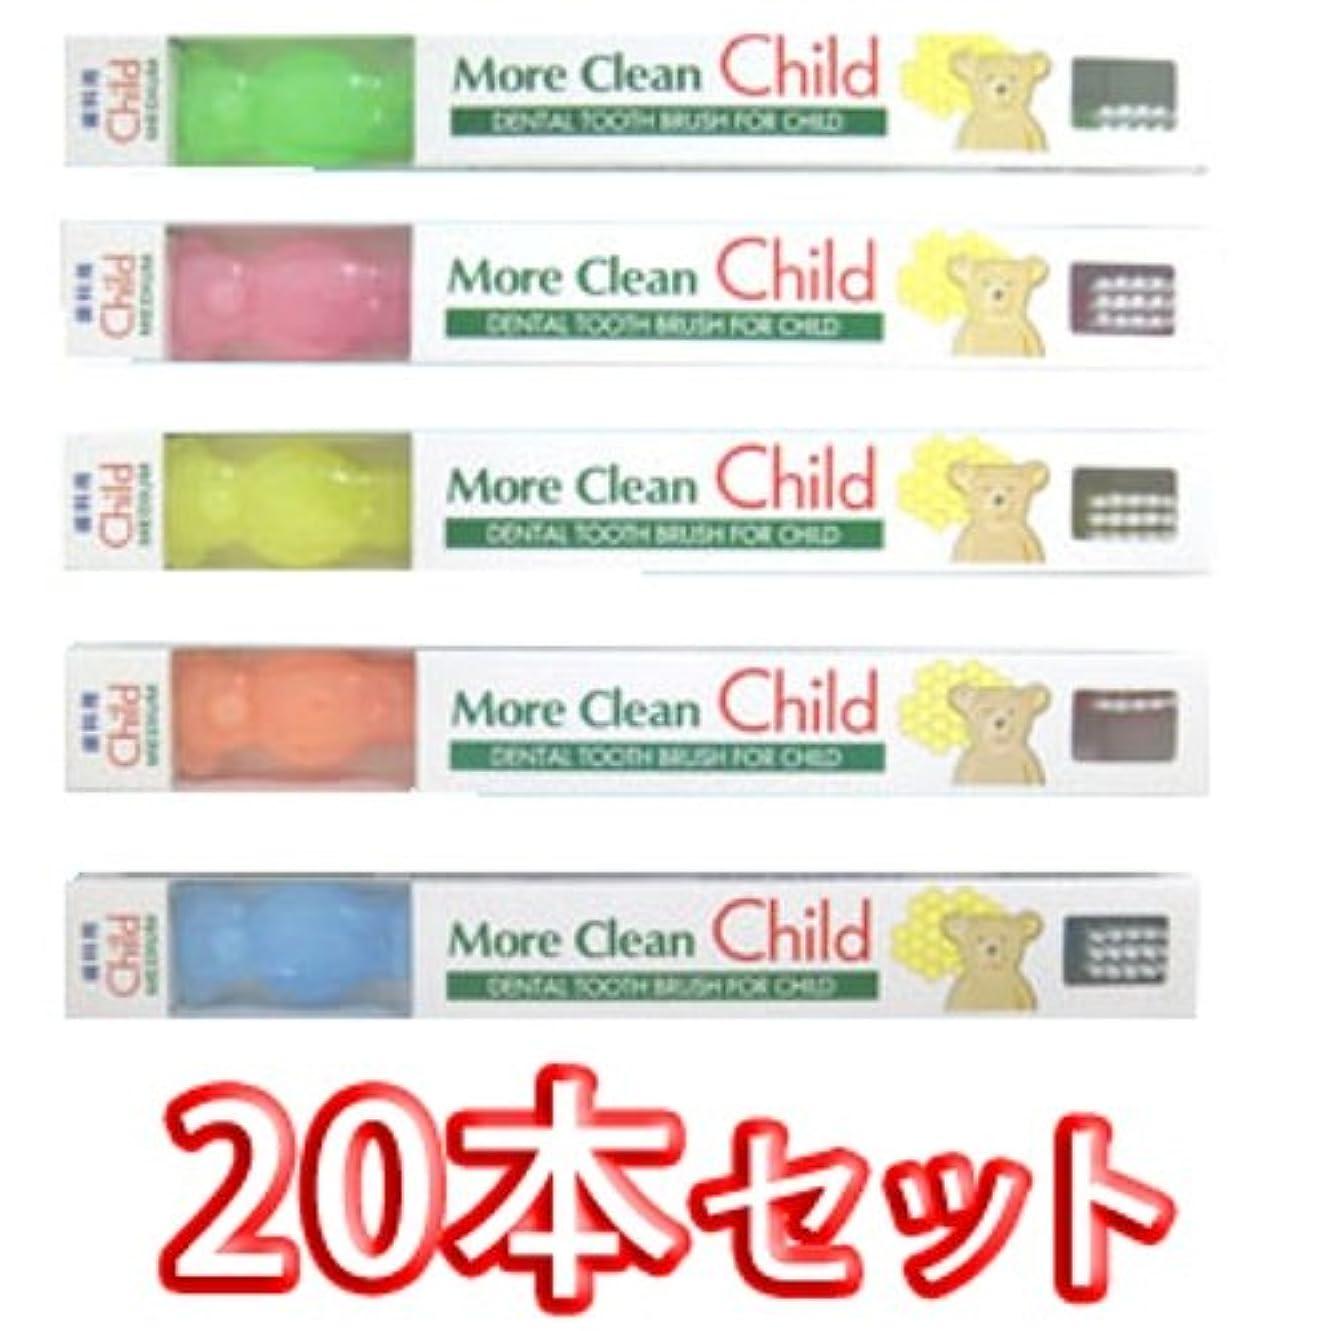 インフレーションケープスチュワードウィルデント モアクリーン 歯ブラシ チャイルド 20本入